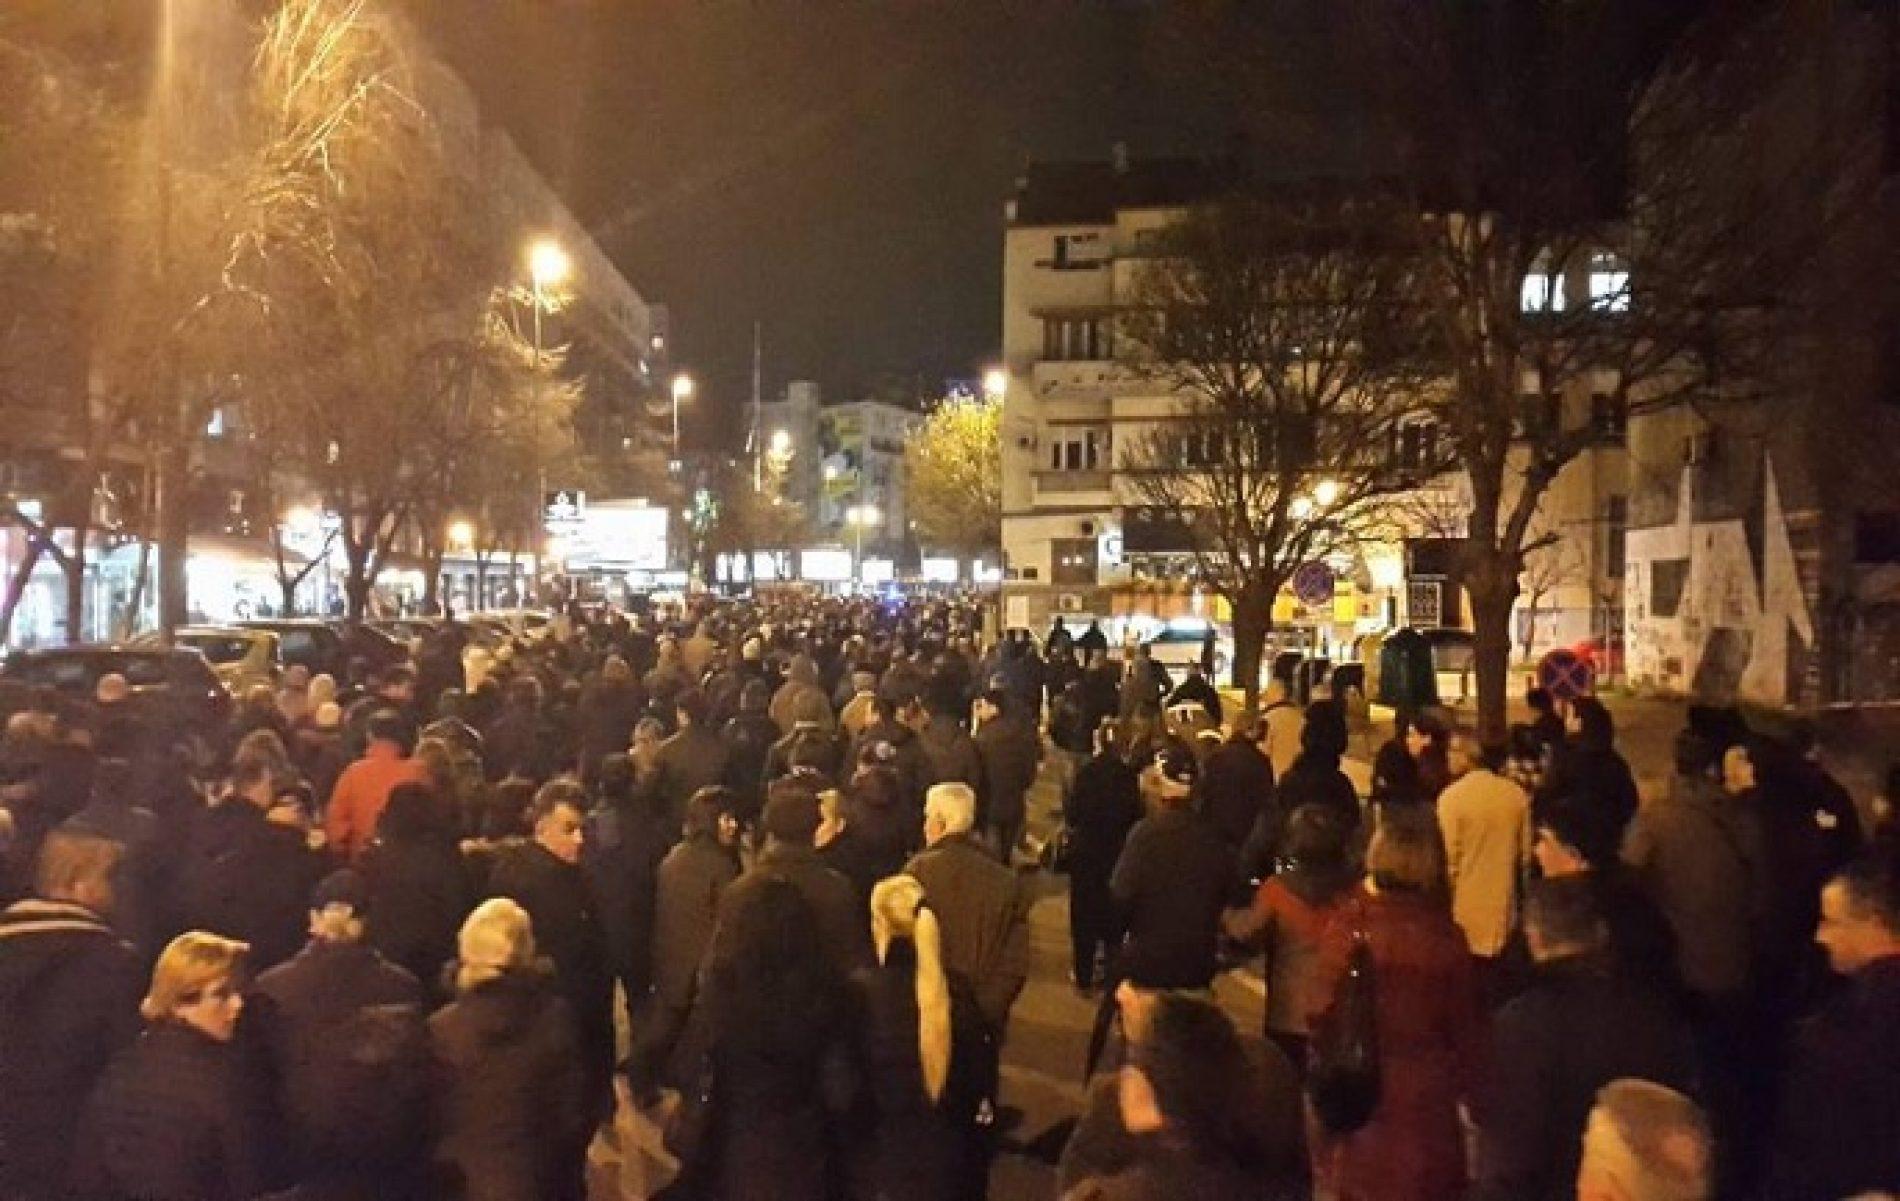 Protestoj: Sot nuk ka protesta, vazhdojmë nesër me forca të reja